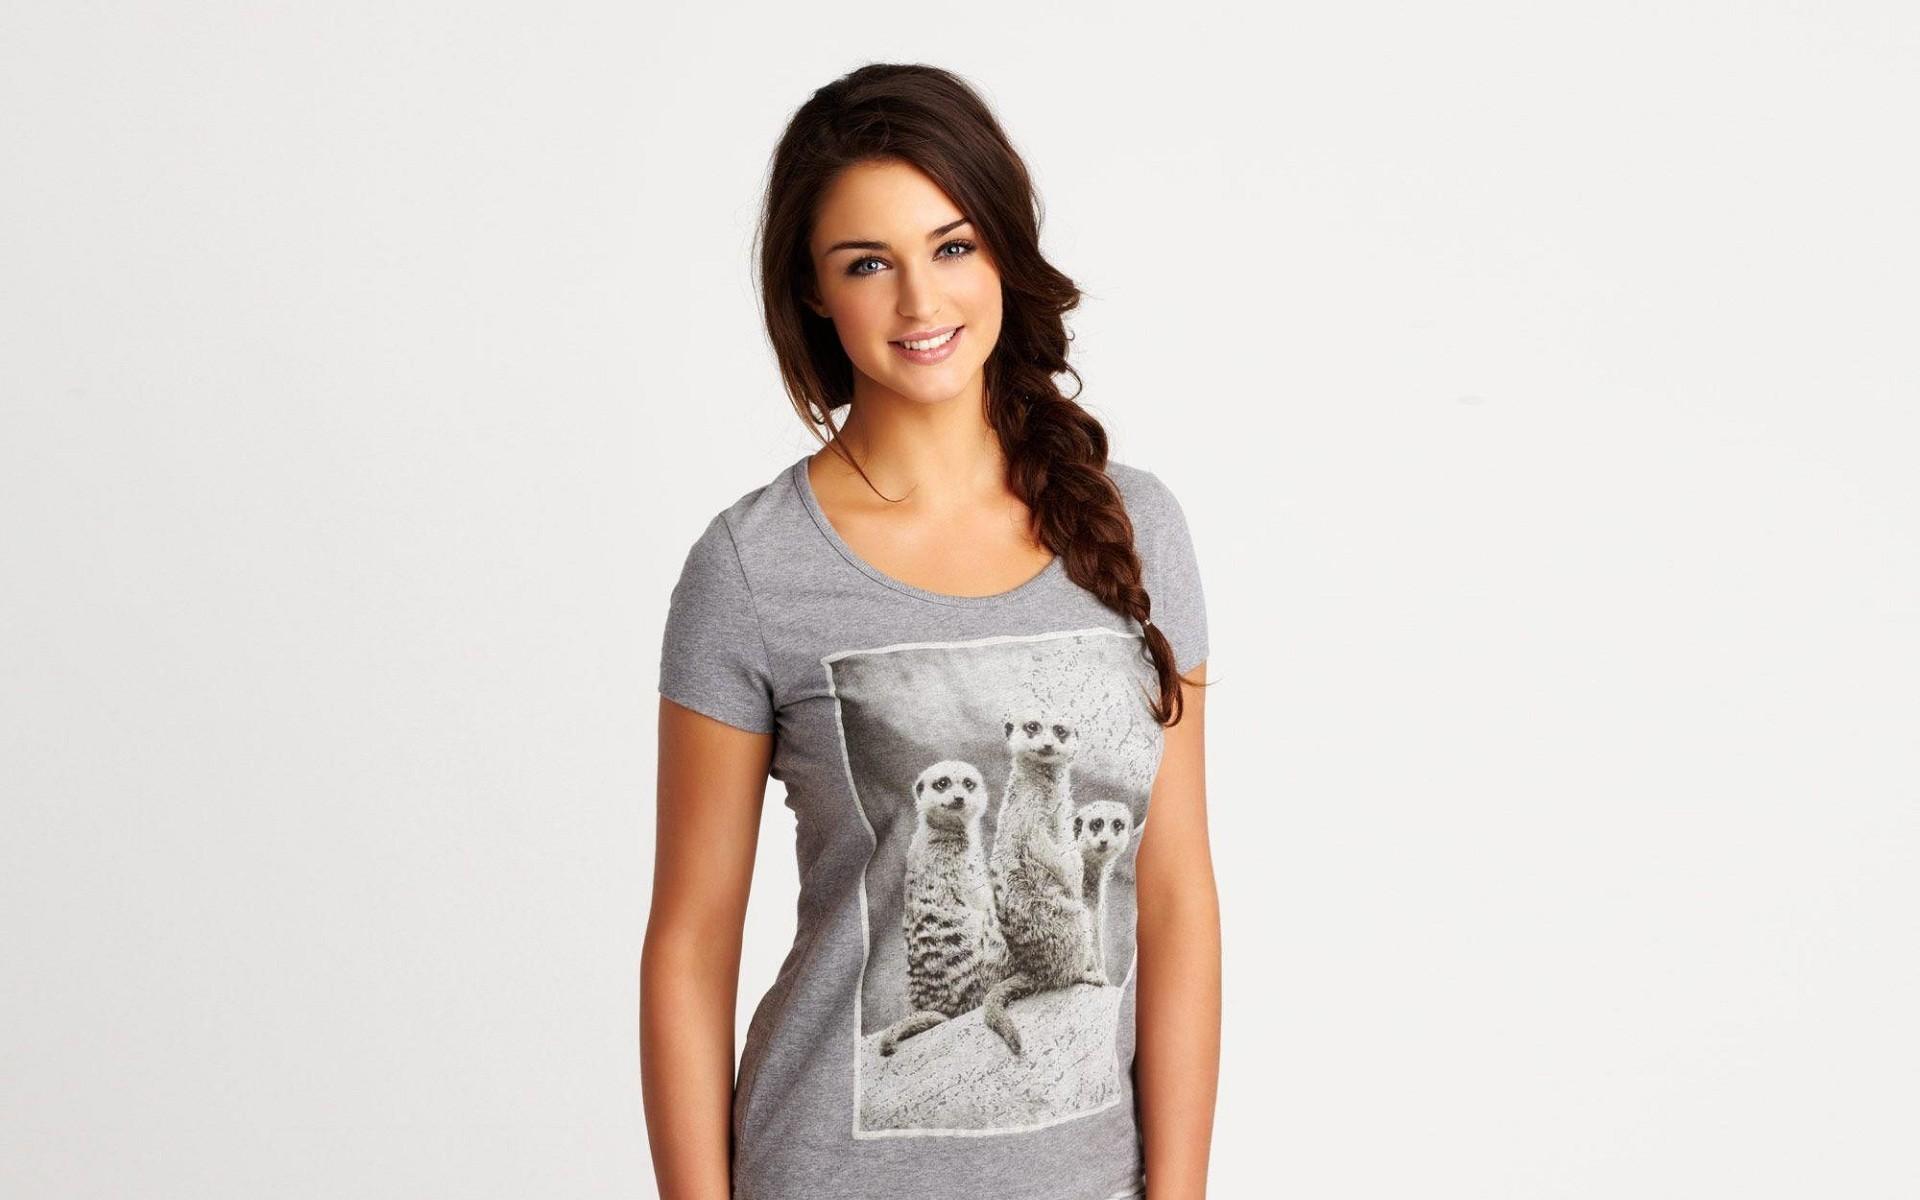 Девушка в футболке и без нее, два транса и один мужик